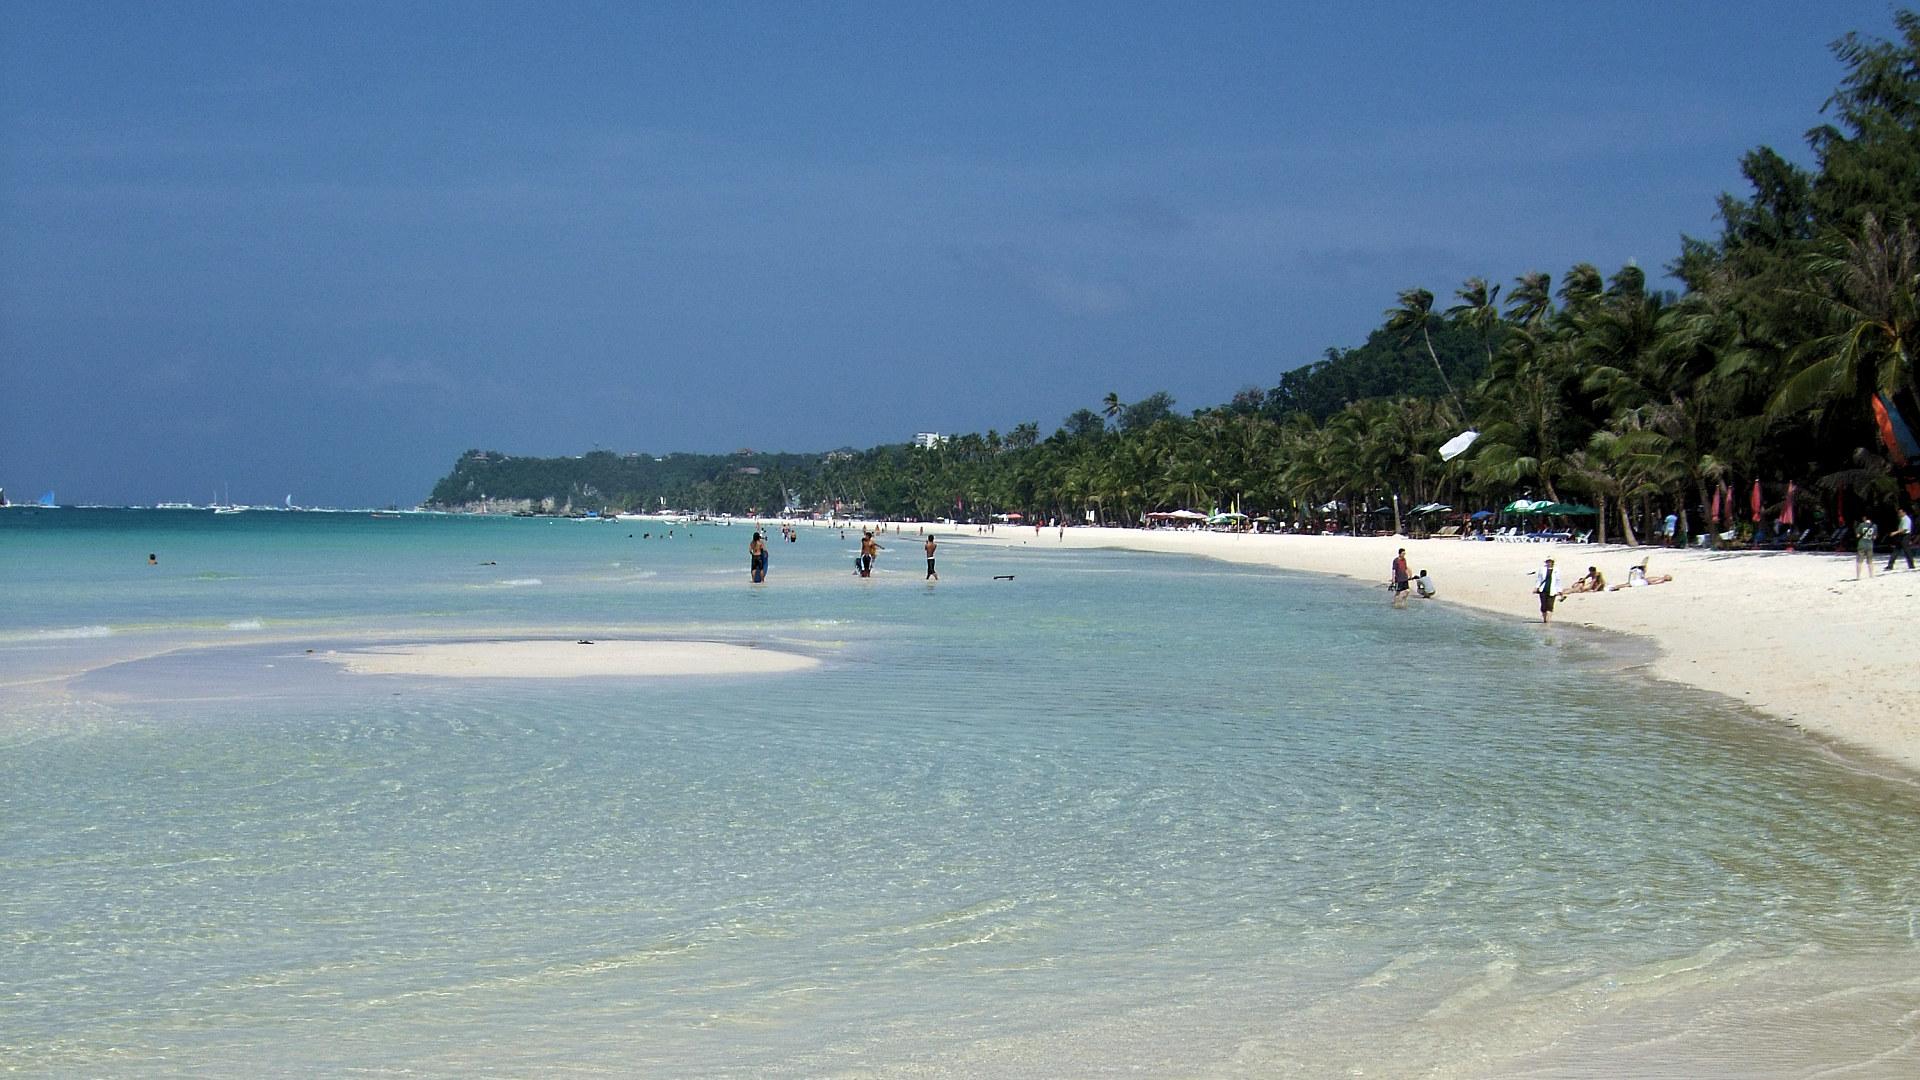 ボラカイ島 ビーチ boracay beach